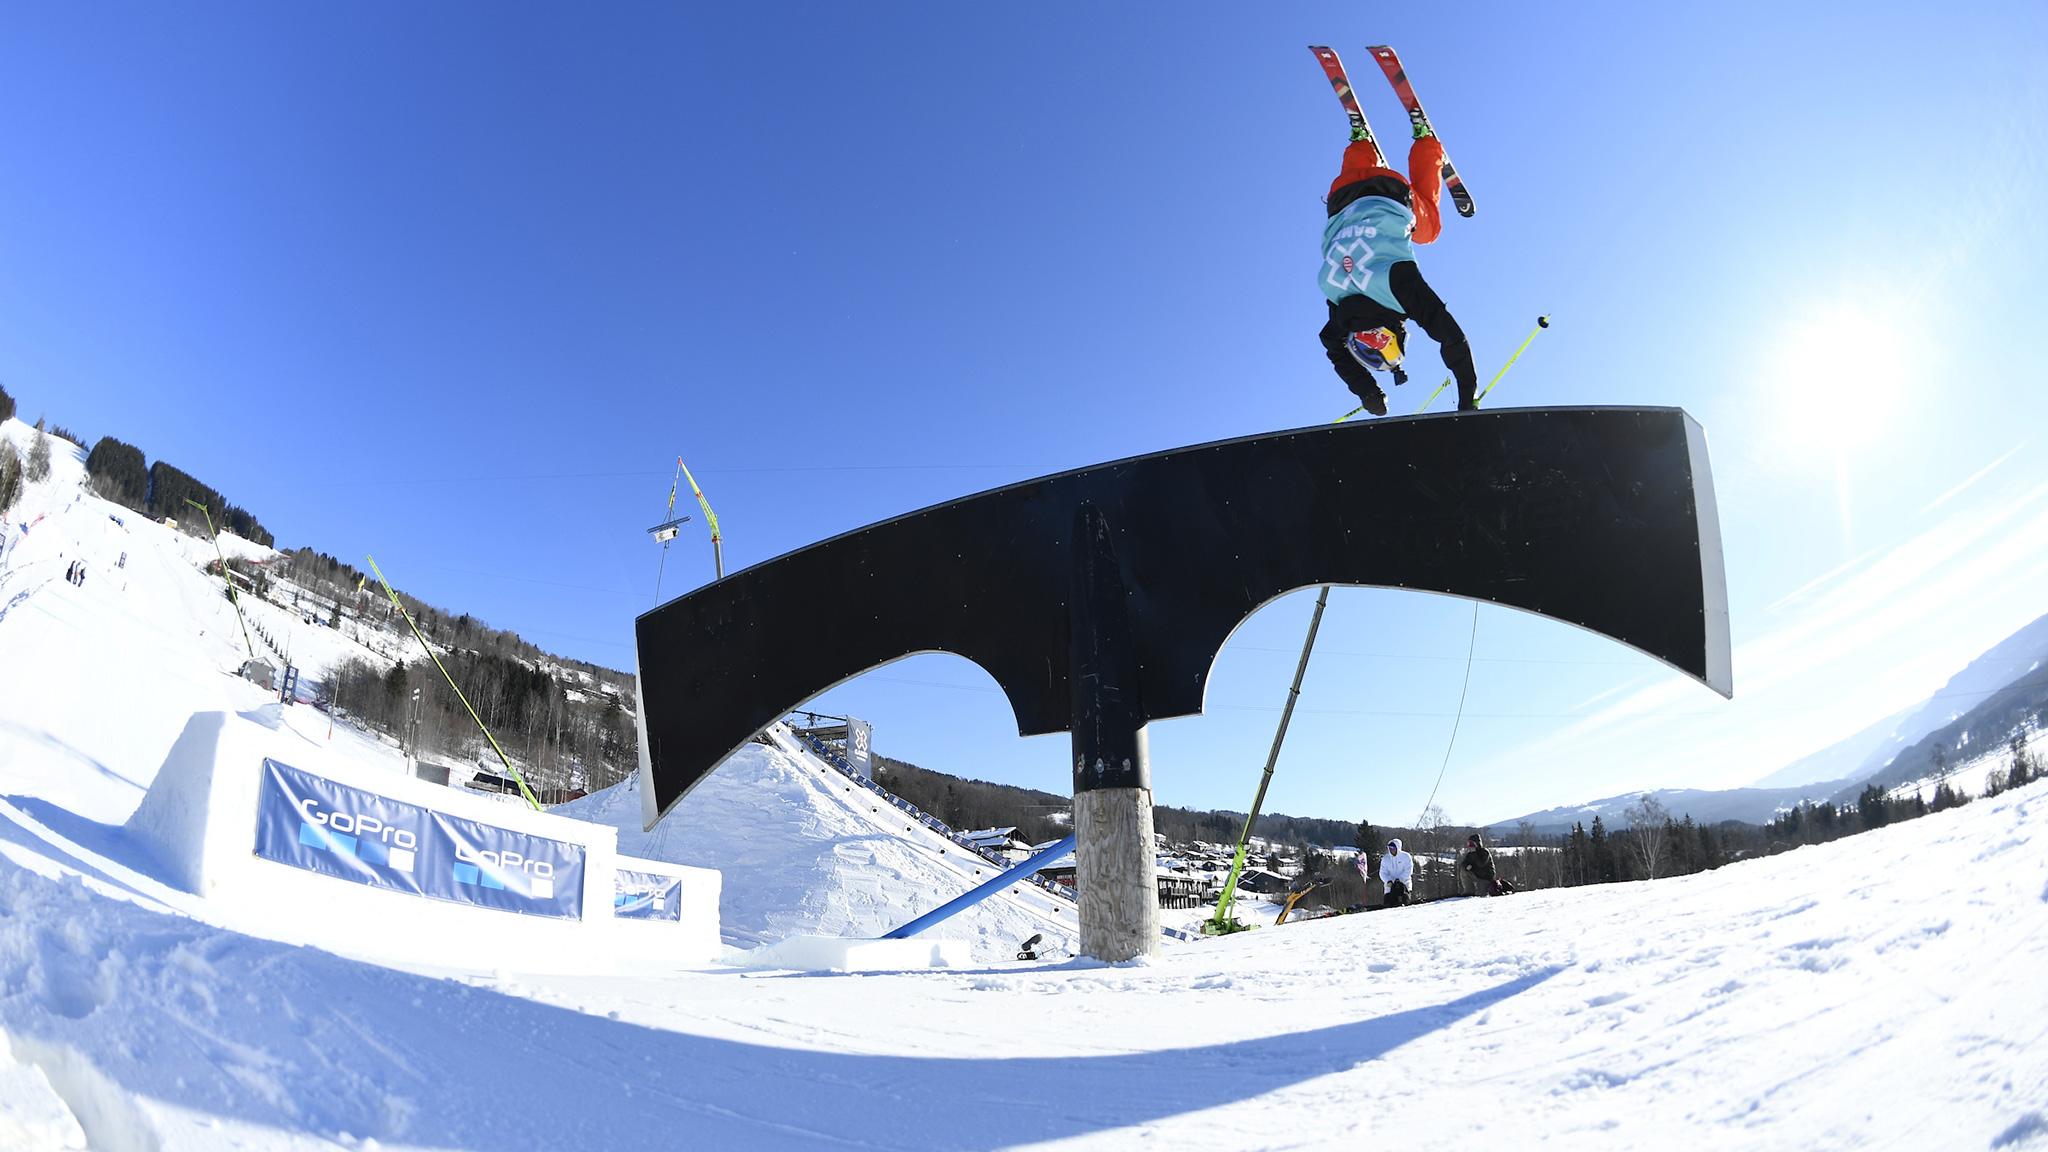 Jesper Tjader, Men's Ski Slopestyle practice